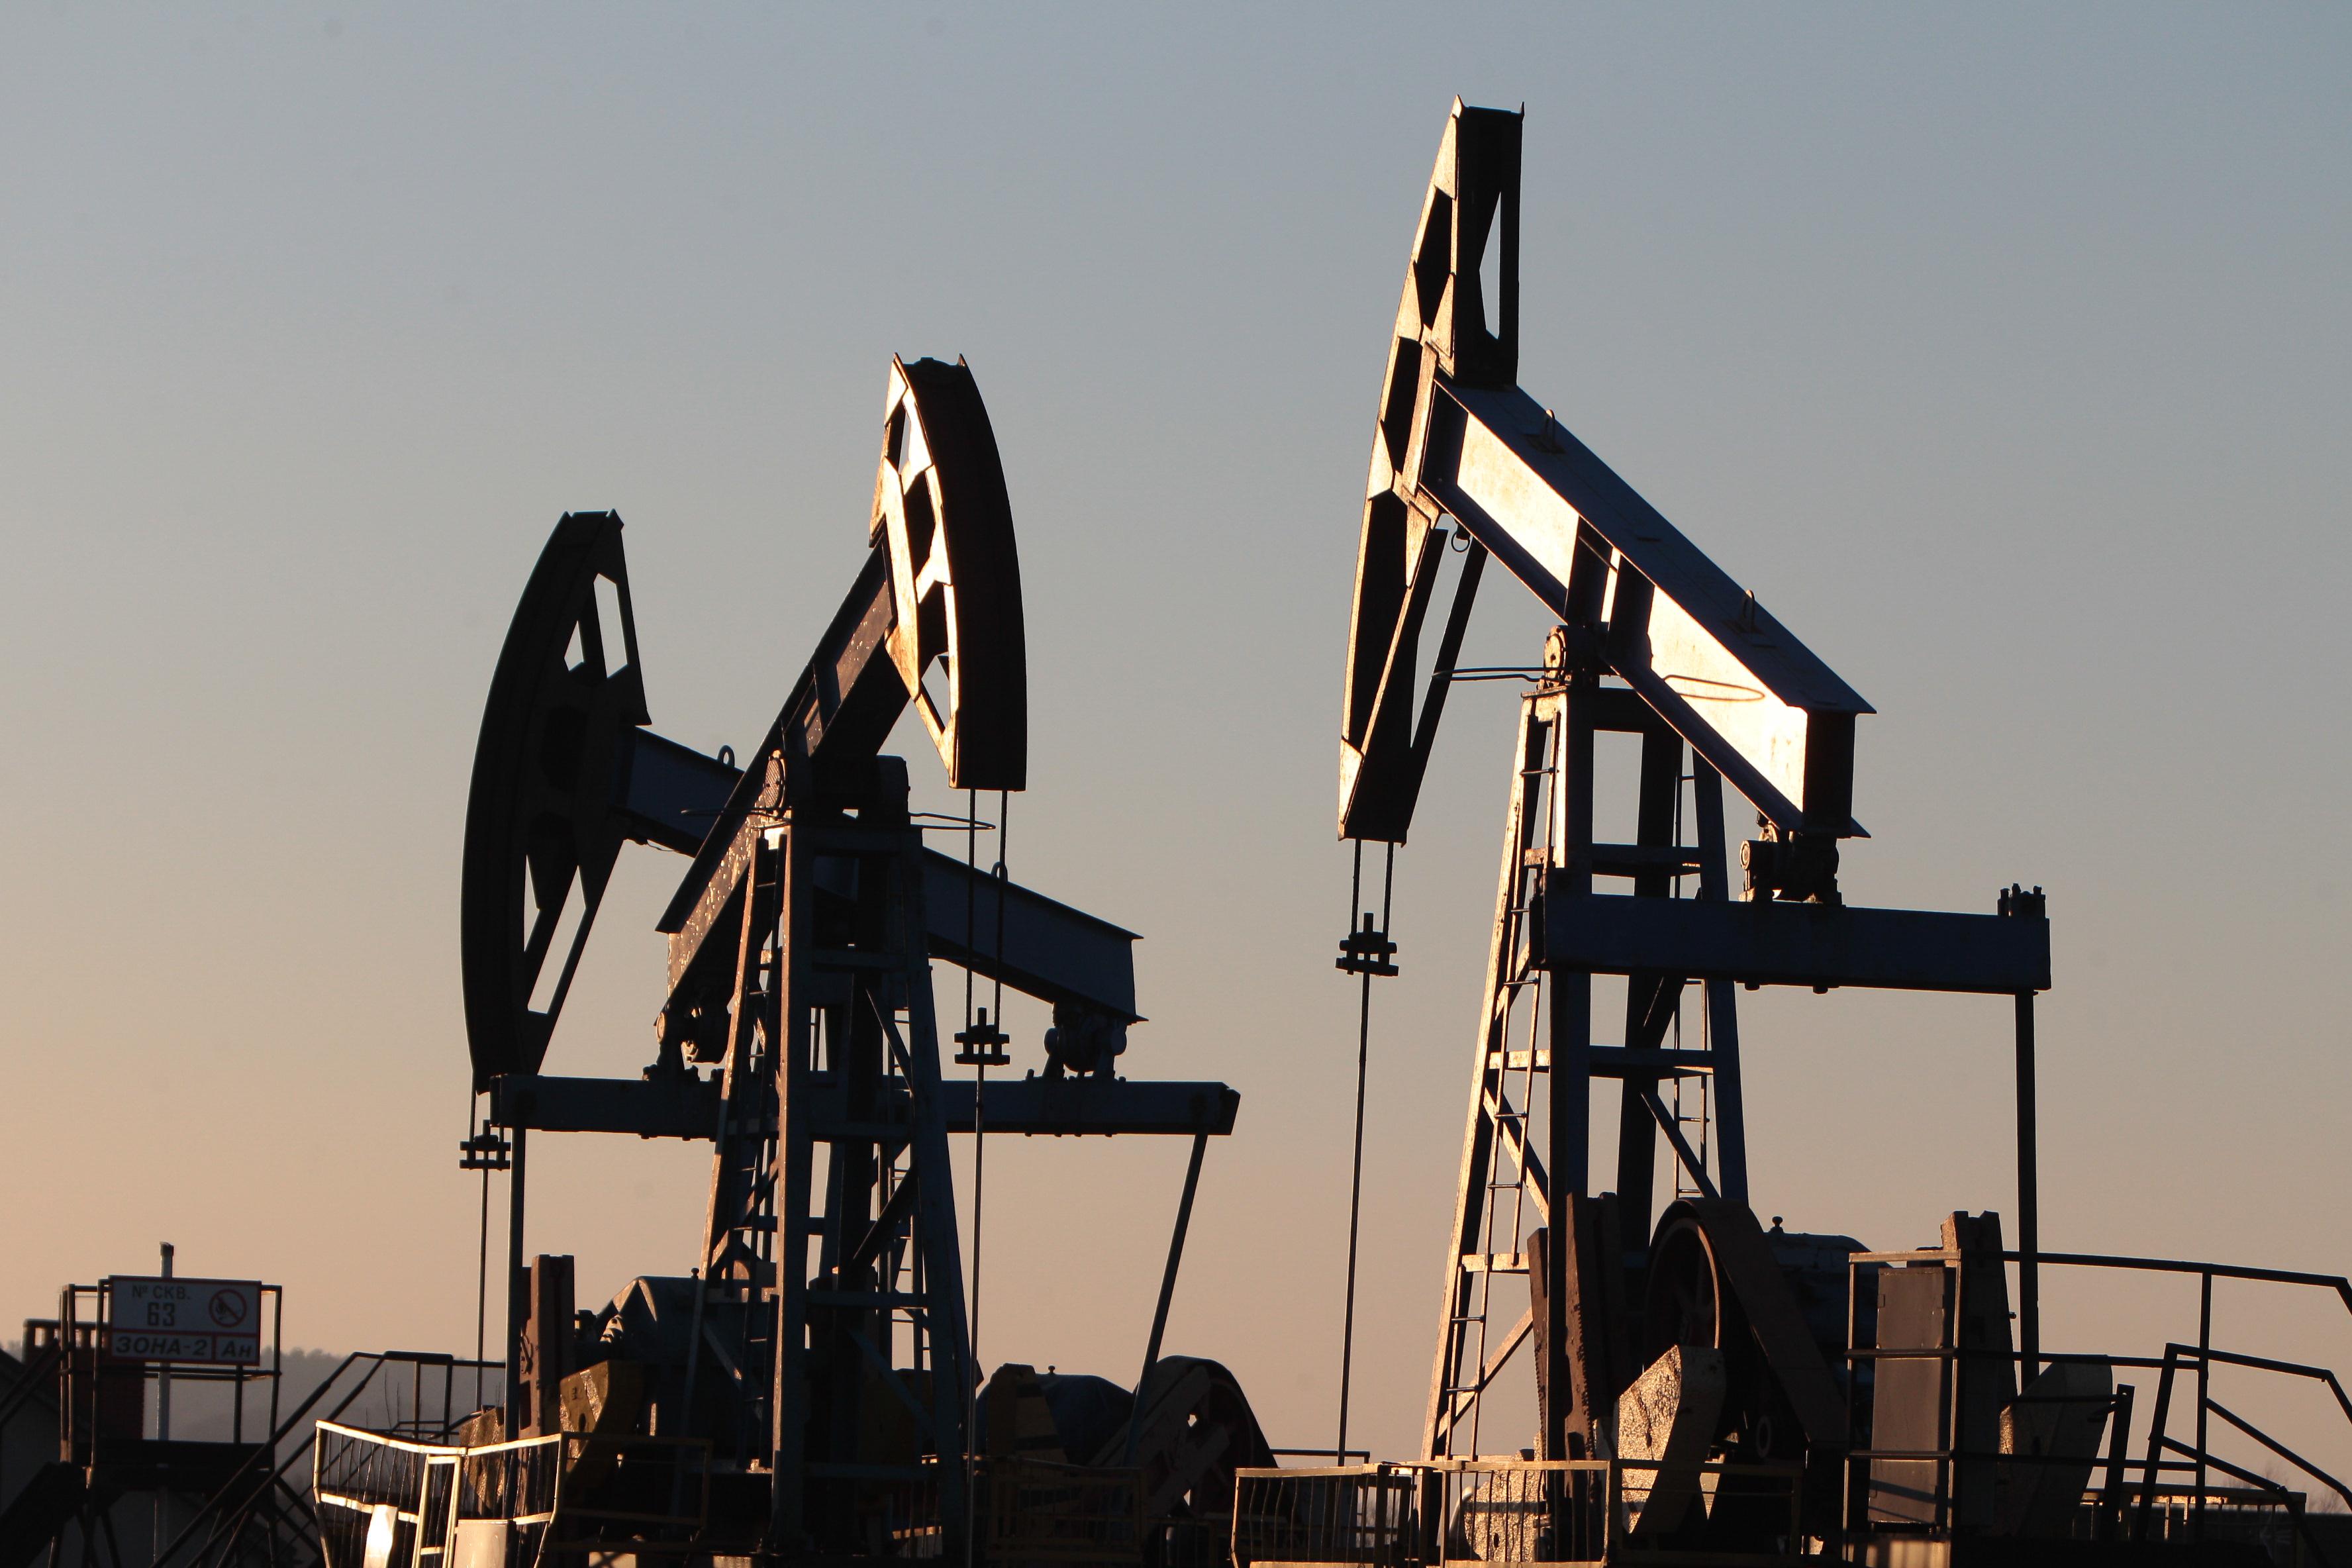 Пять нефтегазохимических заводов планируют ввести в эксплуатацию в Казахстане